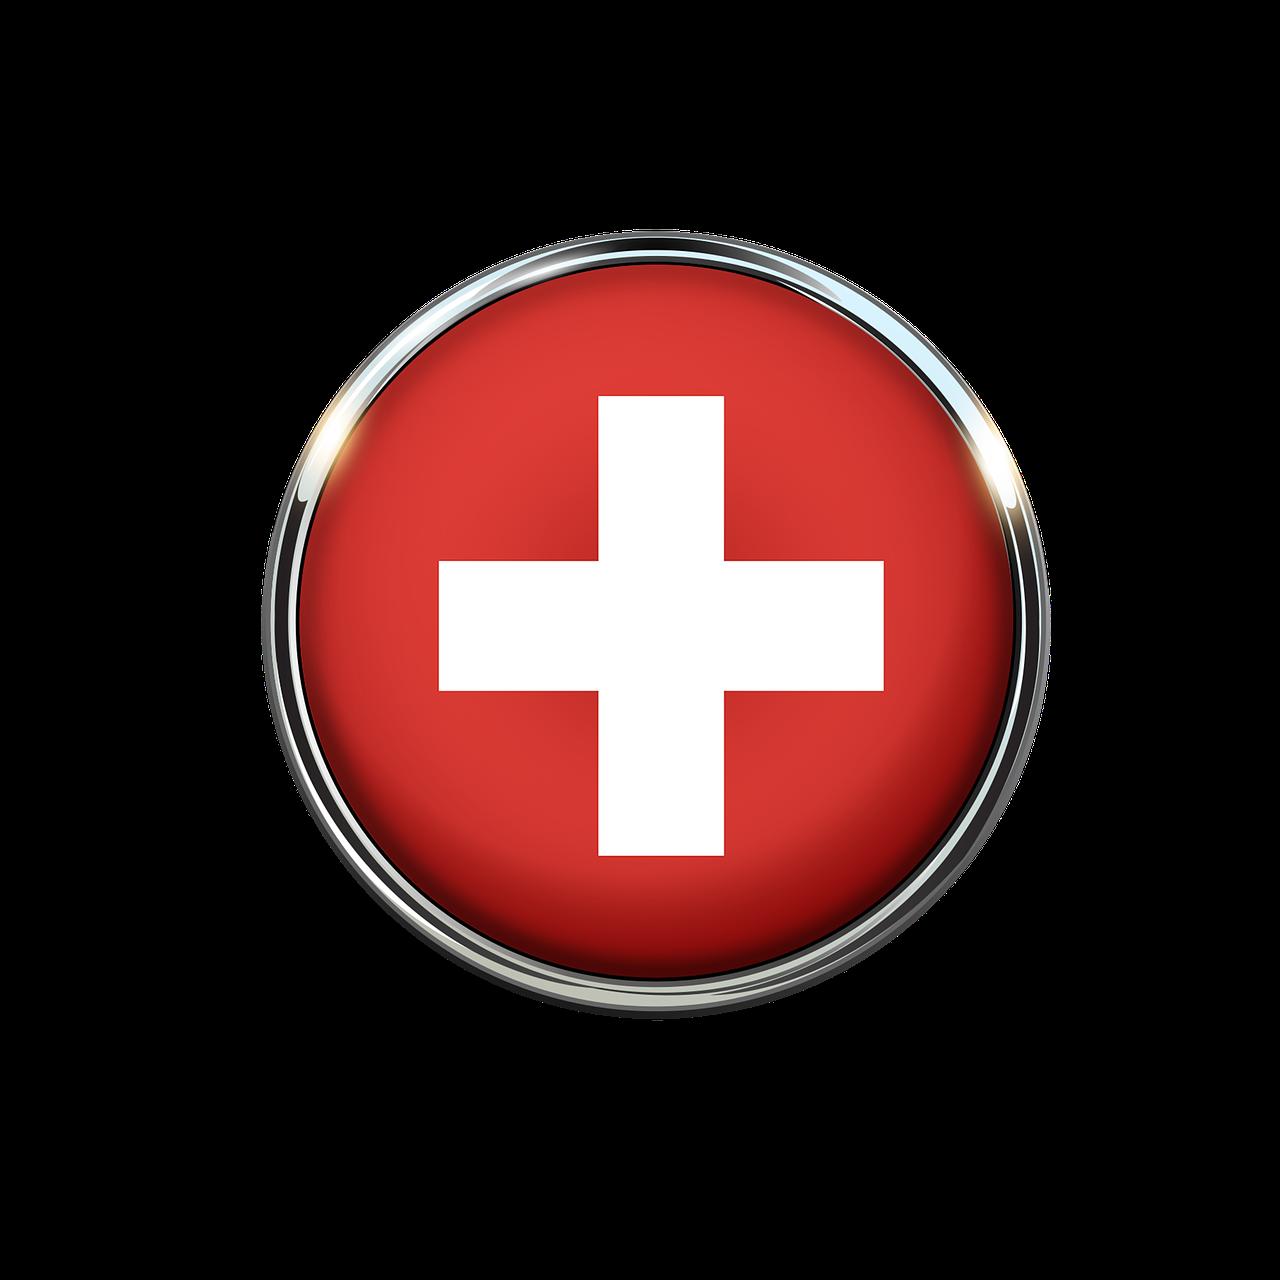 Suiza Bandera Circulo Imagen De - Imagen gratis en Pixabay